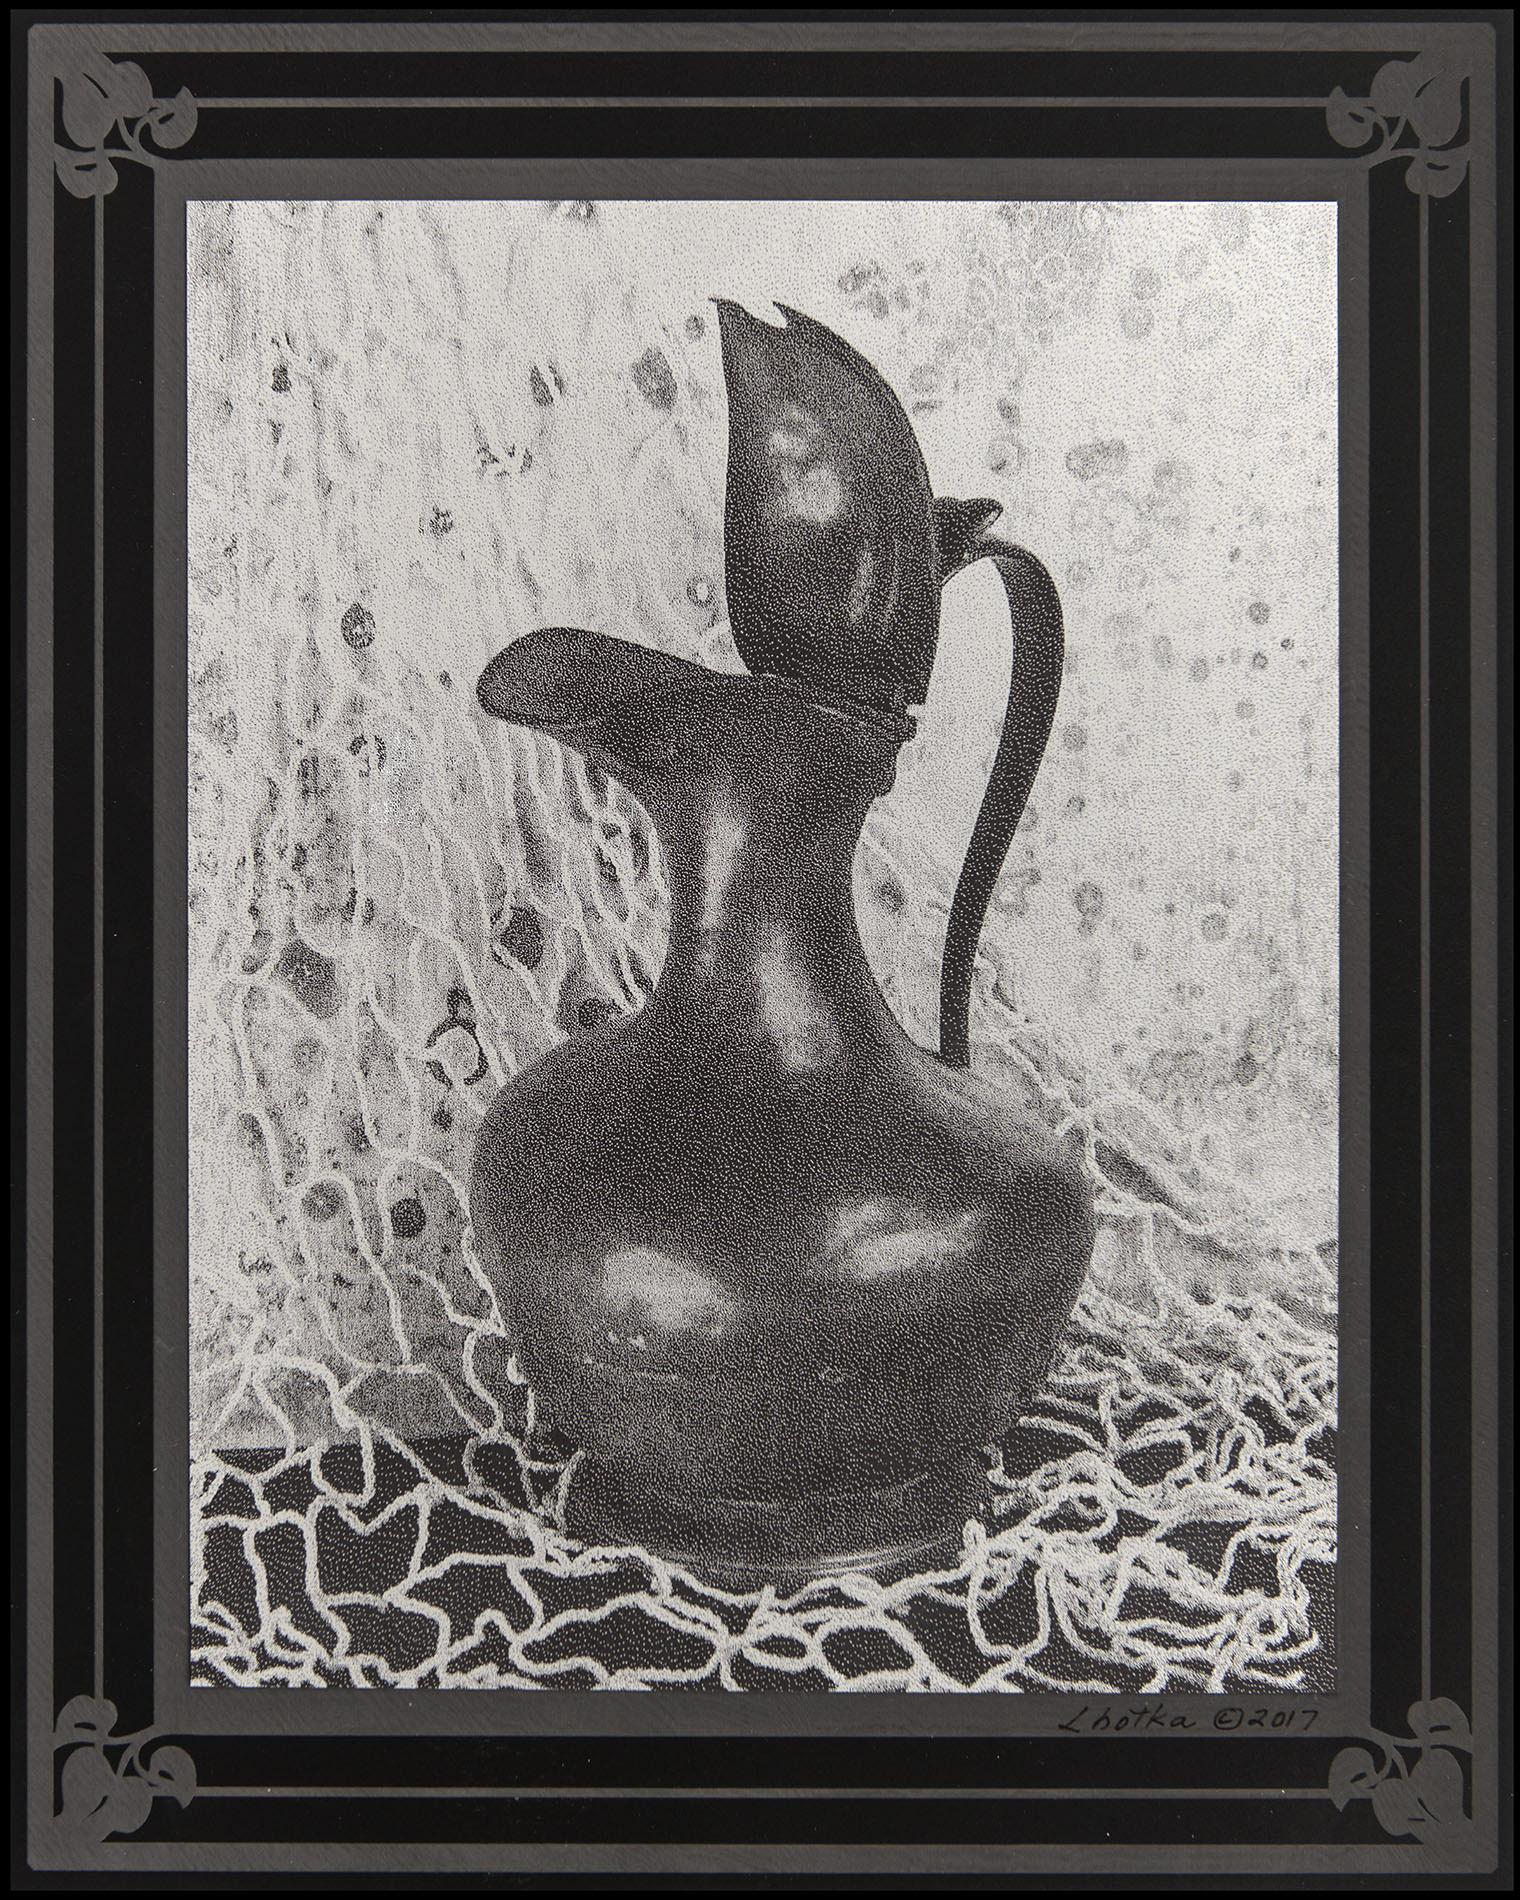 Pewter Pot  8 x 10  caustigram mounted on laser engraved acrylic